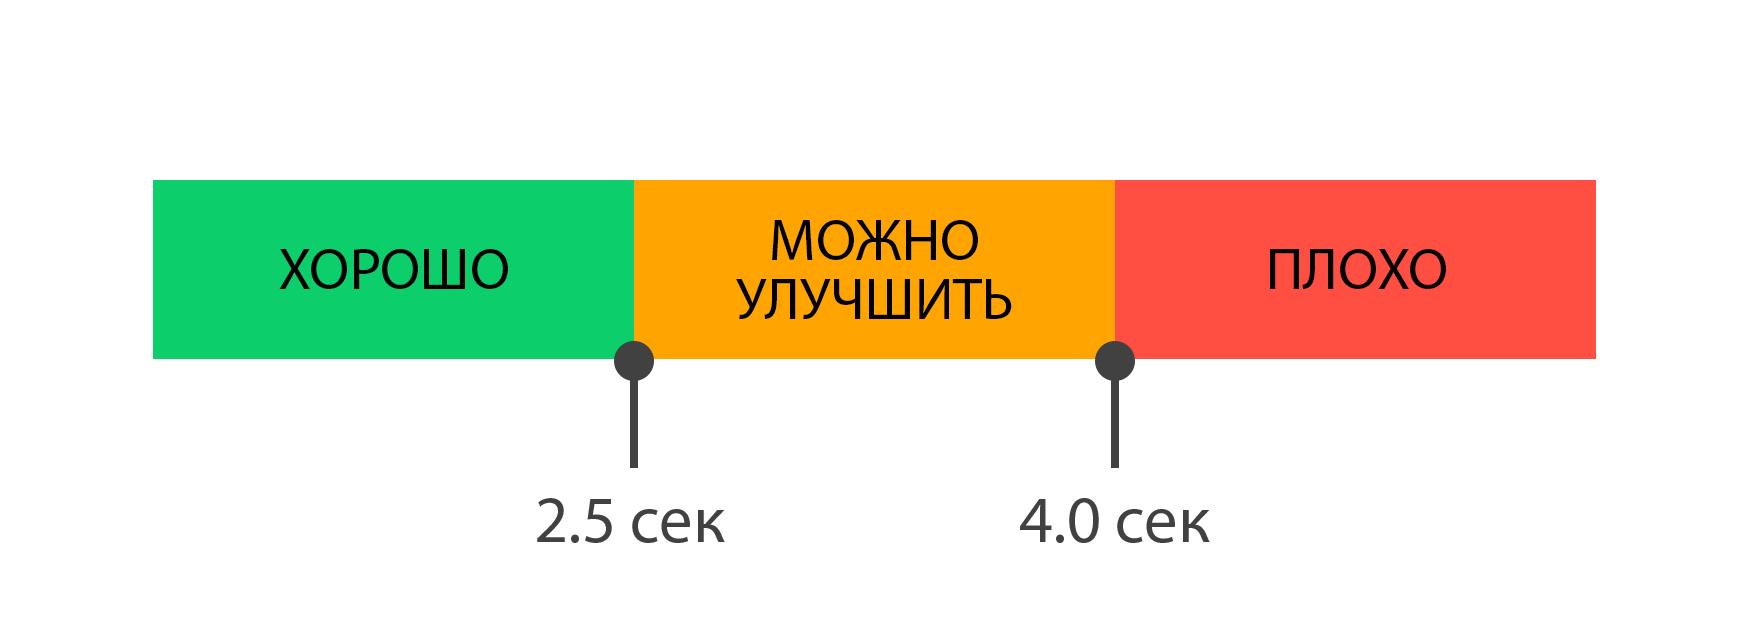 Оценка результатов LCP